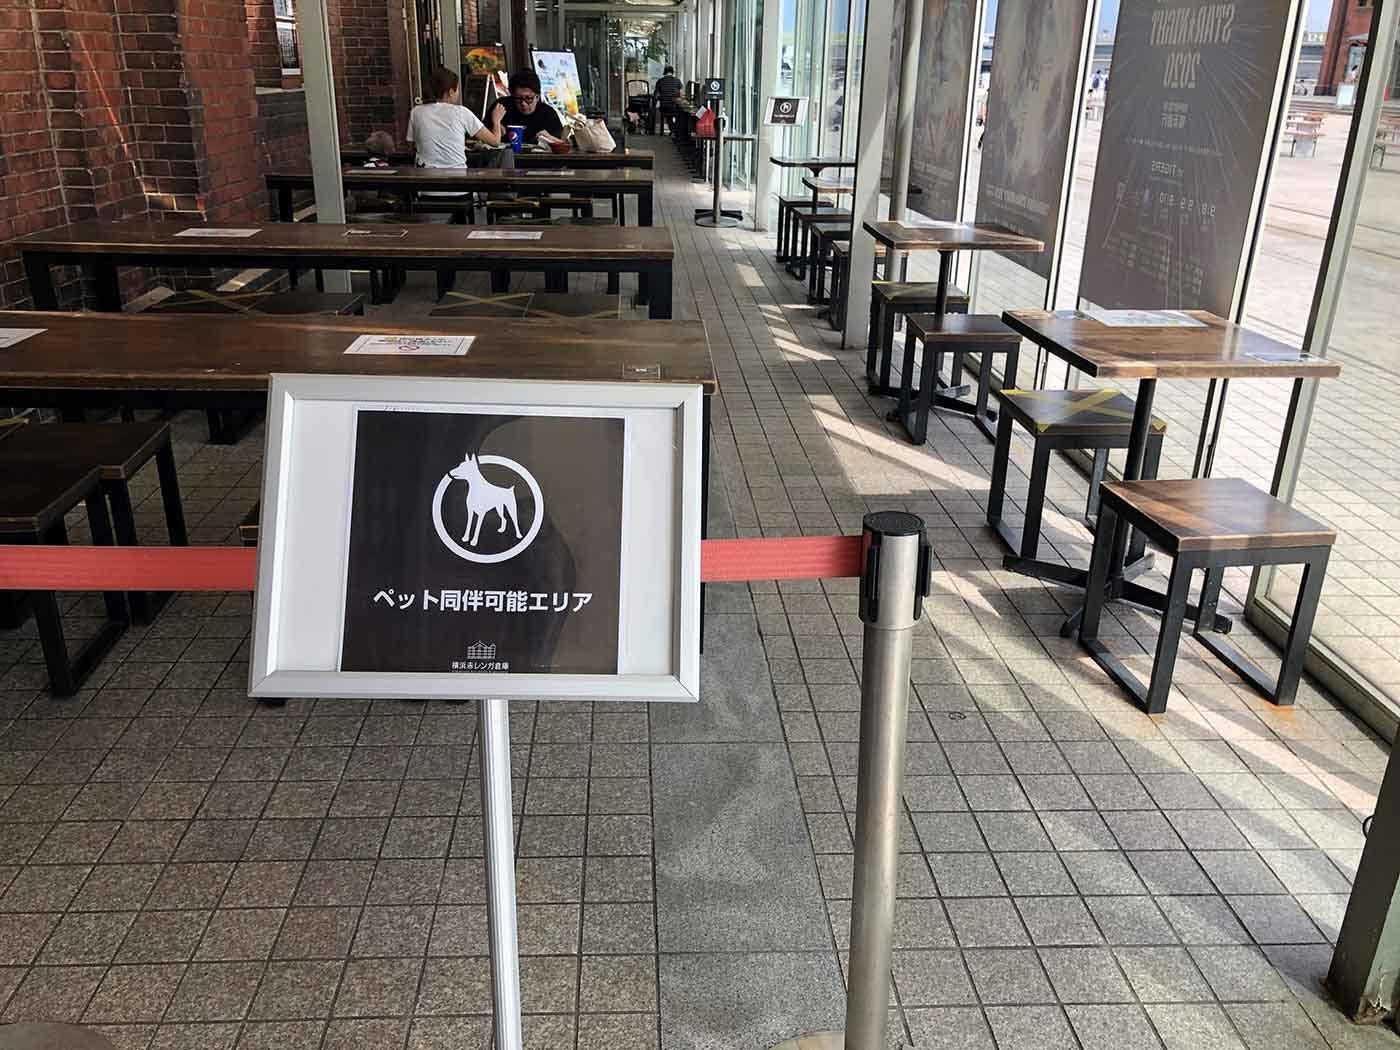 イベント『赤レンガでわんさんぽ』飲食店の愛犬同伴可能エリア